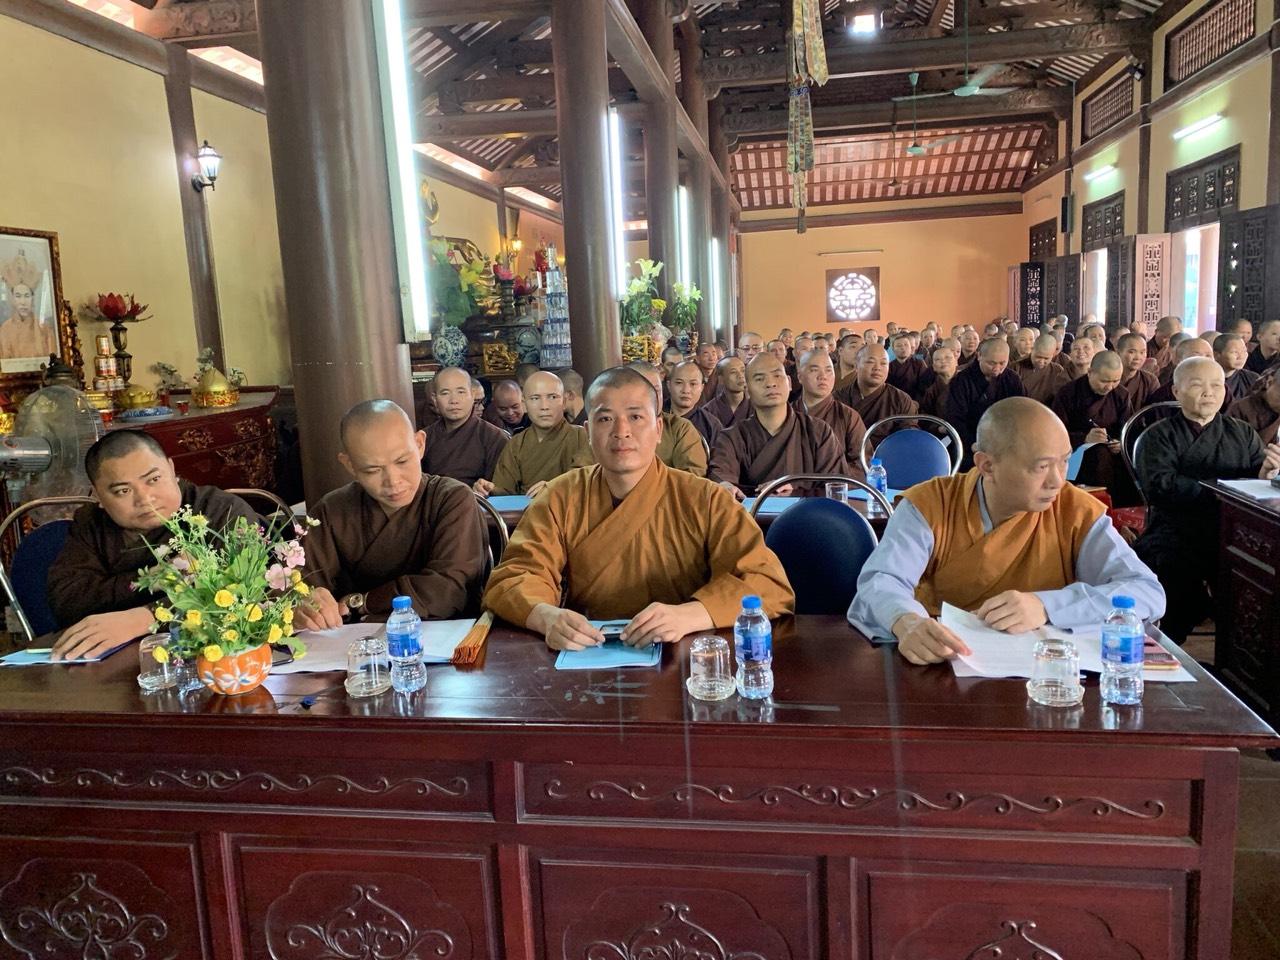 Hội nghị tập huấn Luật tín ngưỡng Tôn giáo cho Tăng, Ni trường hạ chùa Bầu năm 2019